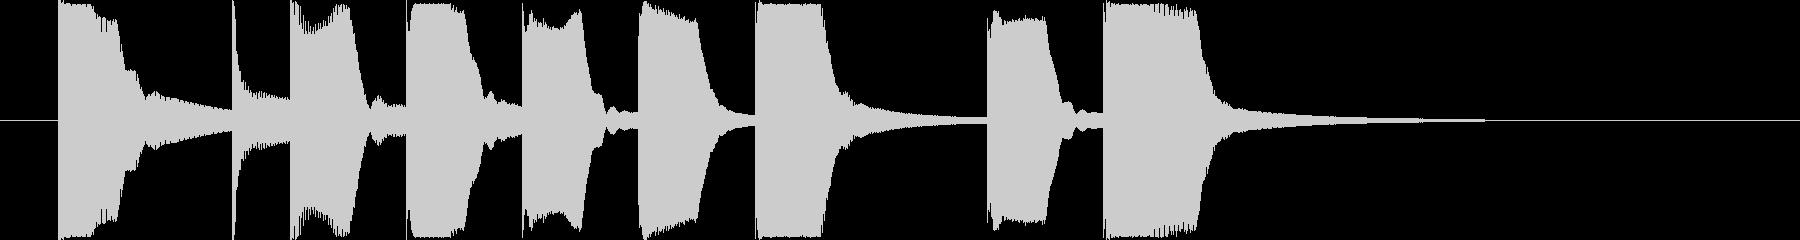 コミカルなベルとリコーダーのジングルの未再生の波形